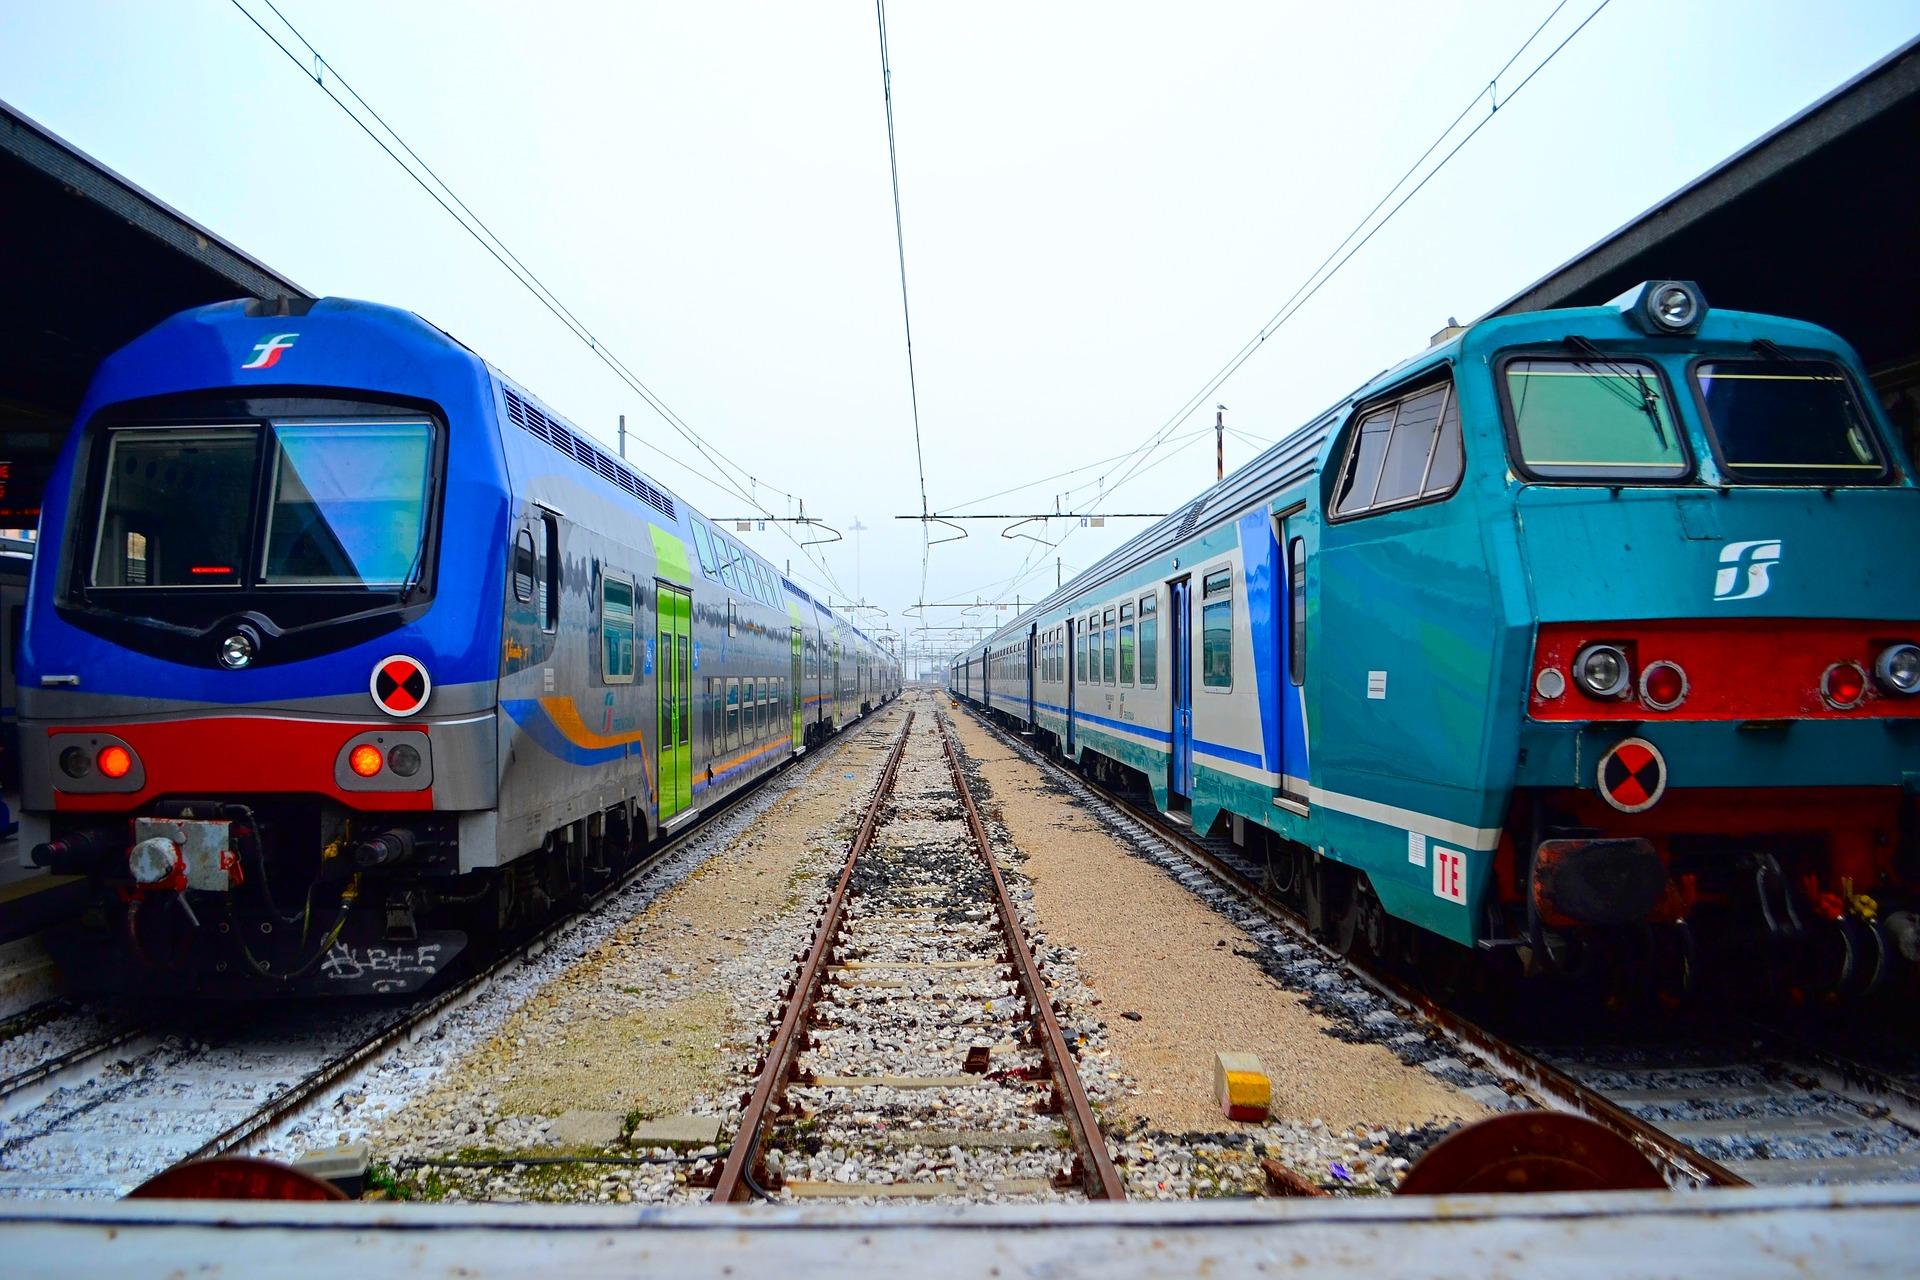 salablu+-trenitalia-ferrovie dello stato-viaggio-viaggiare-viaggio disabili-viaggio persona con disabilità-viaggiare disabili-salablu contatti-salablu app-applicazione salablu-ability channel